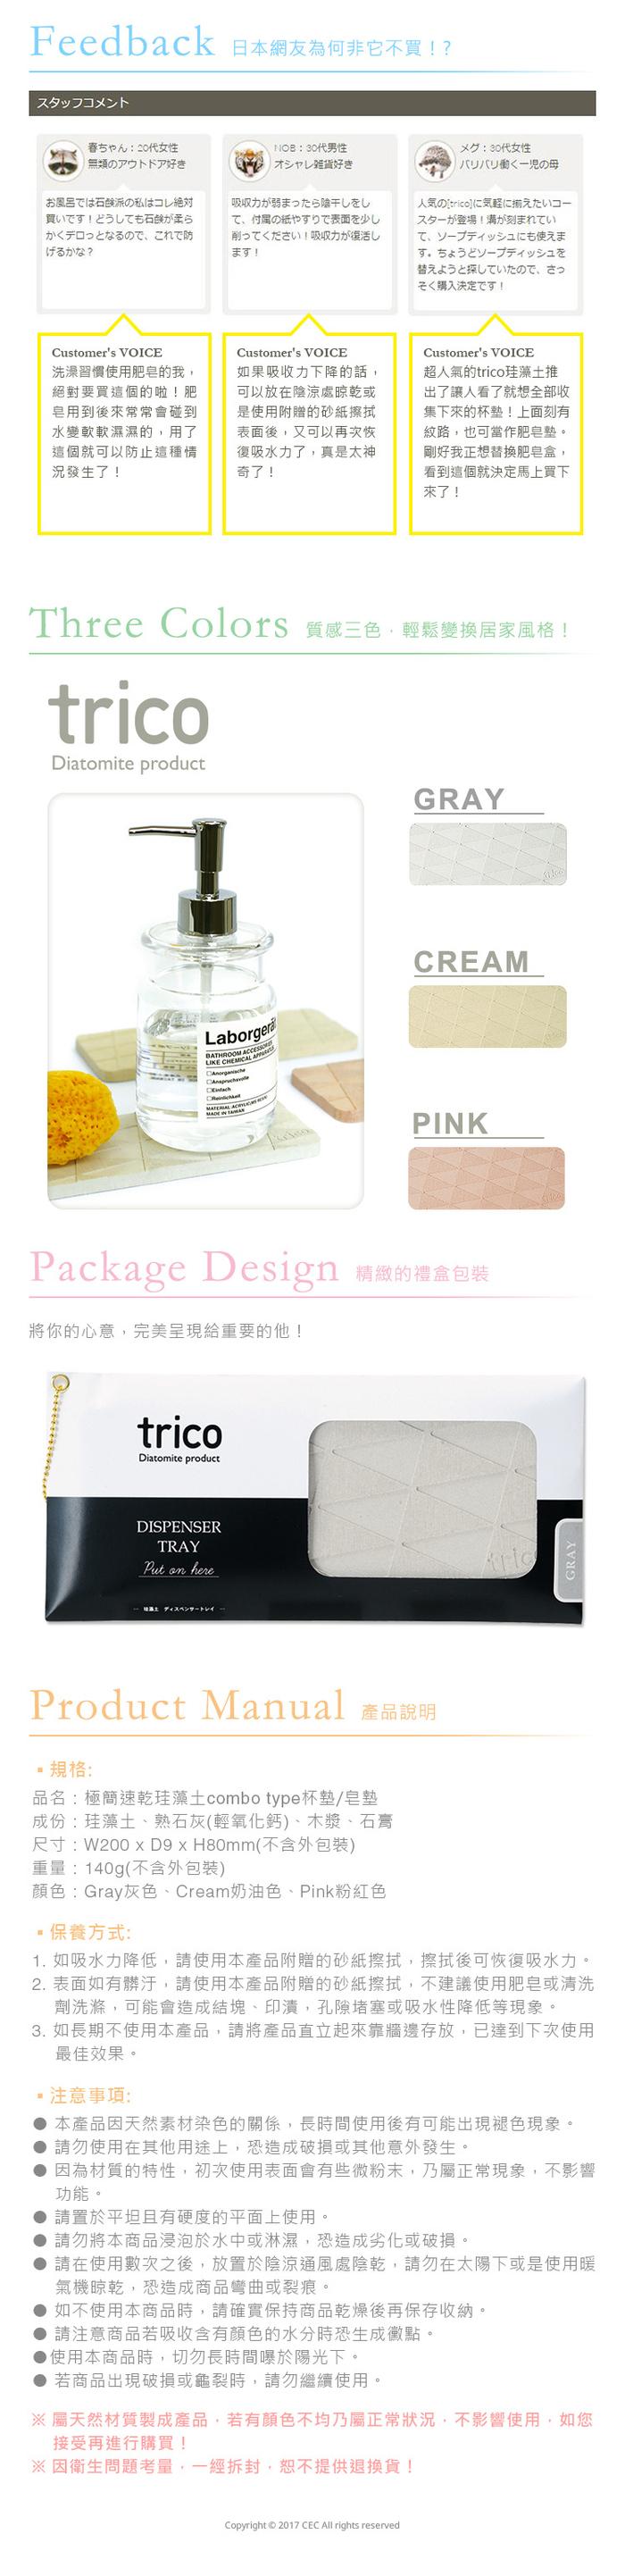 (複製)trico|meets SURF速乾珪藻土杯墊/皂墊〈2入組〉